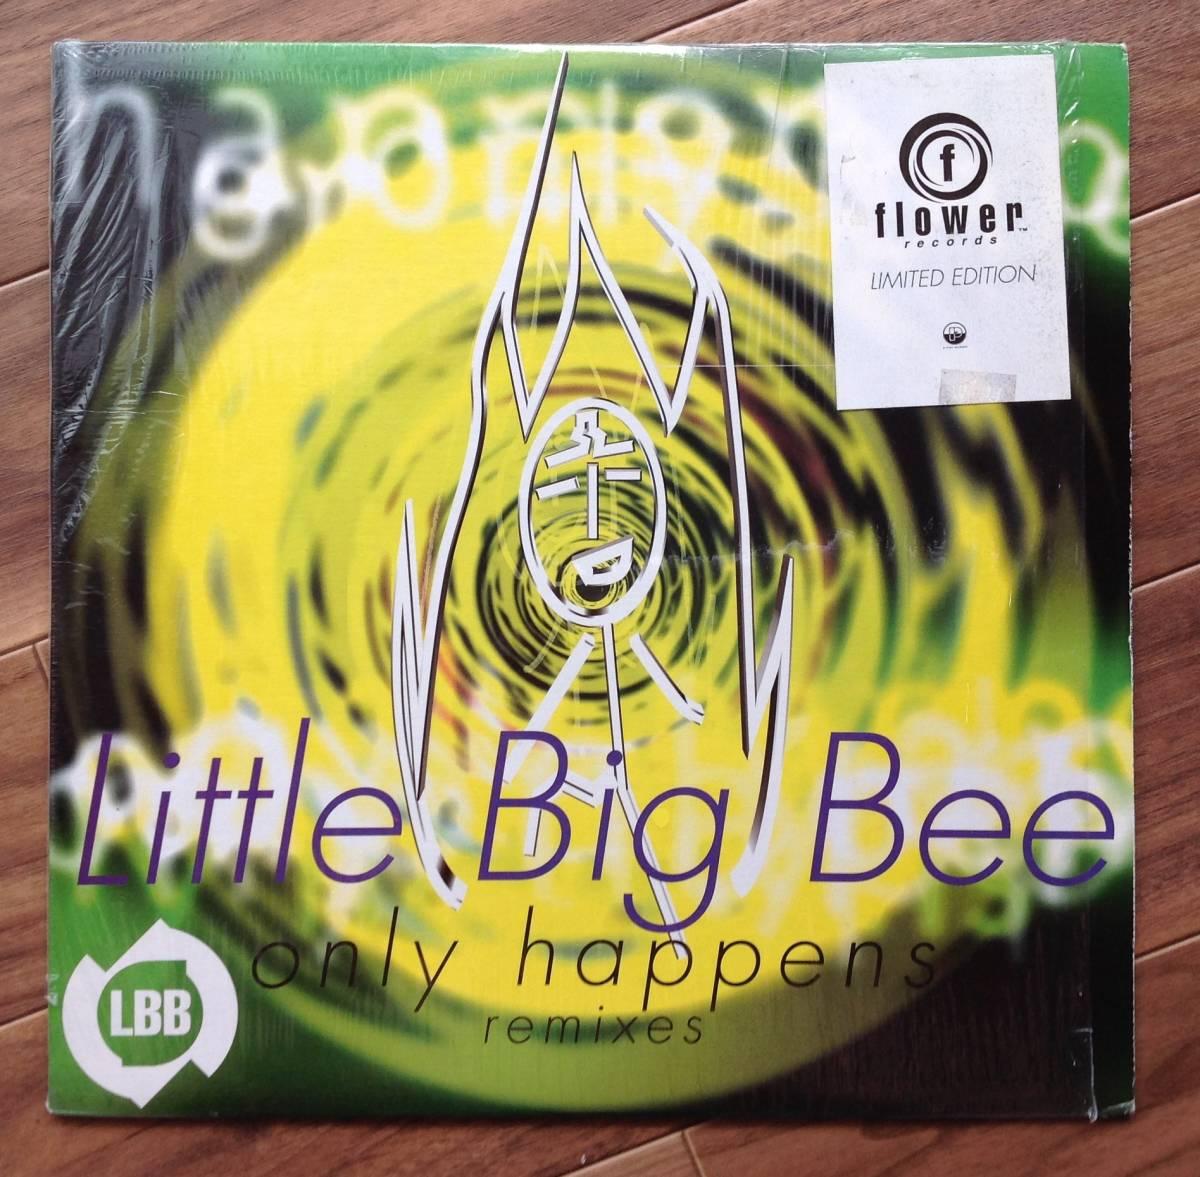 Little Big Bee - Only Happens Remixes